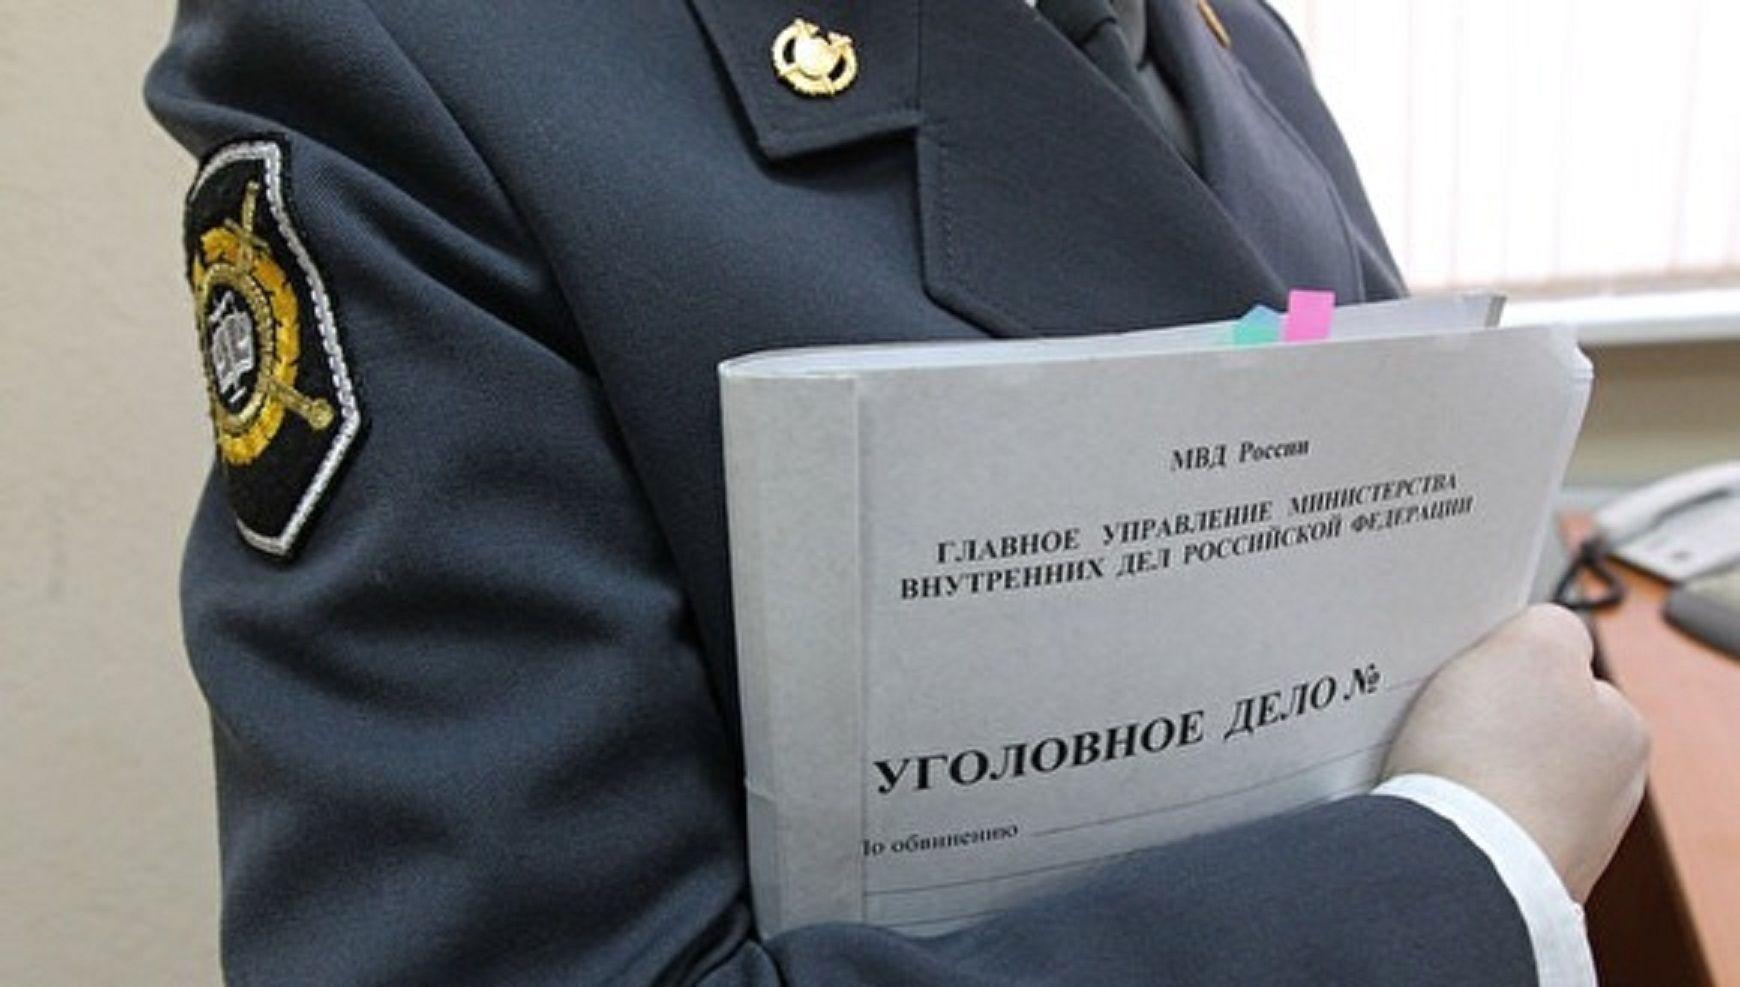 Суд вынес приговор сотруднице полиции за гибель экс-главного нарколога Ставрополья